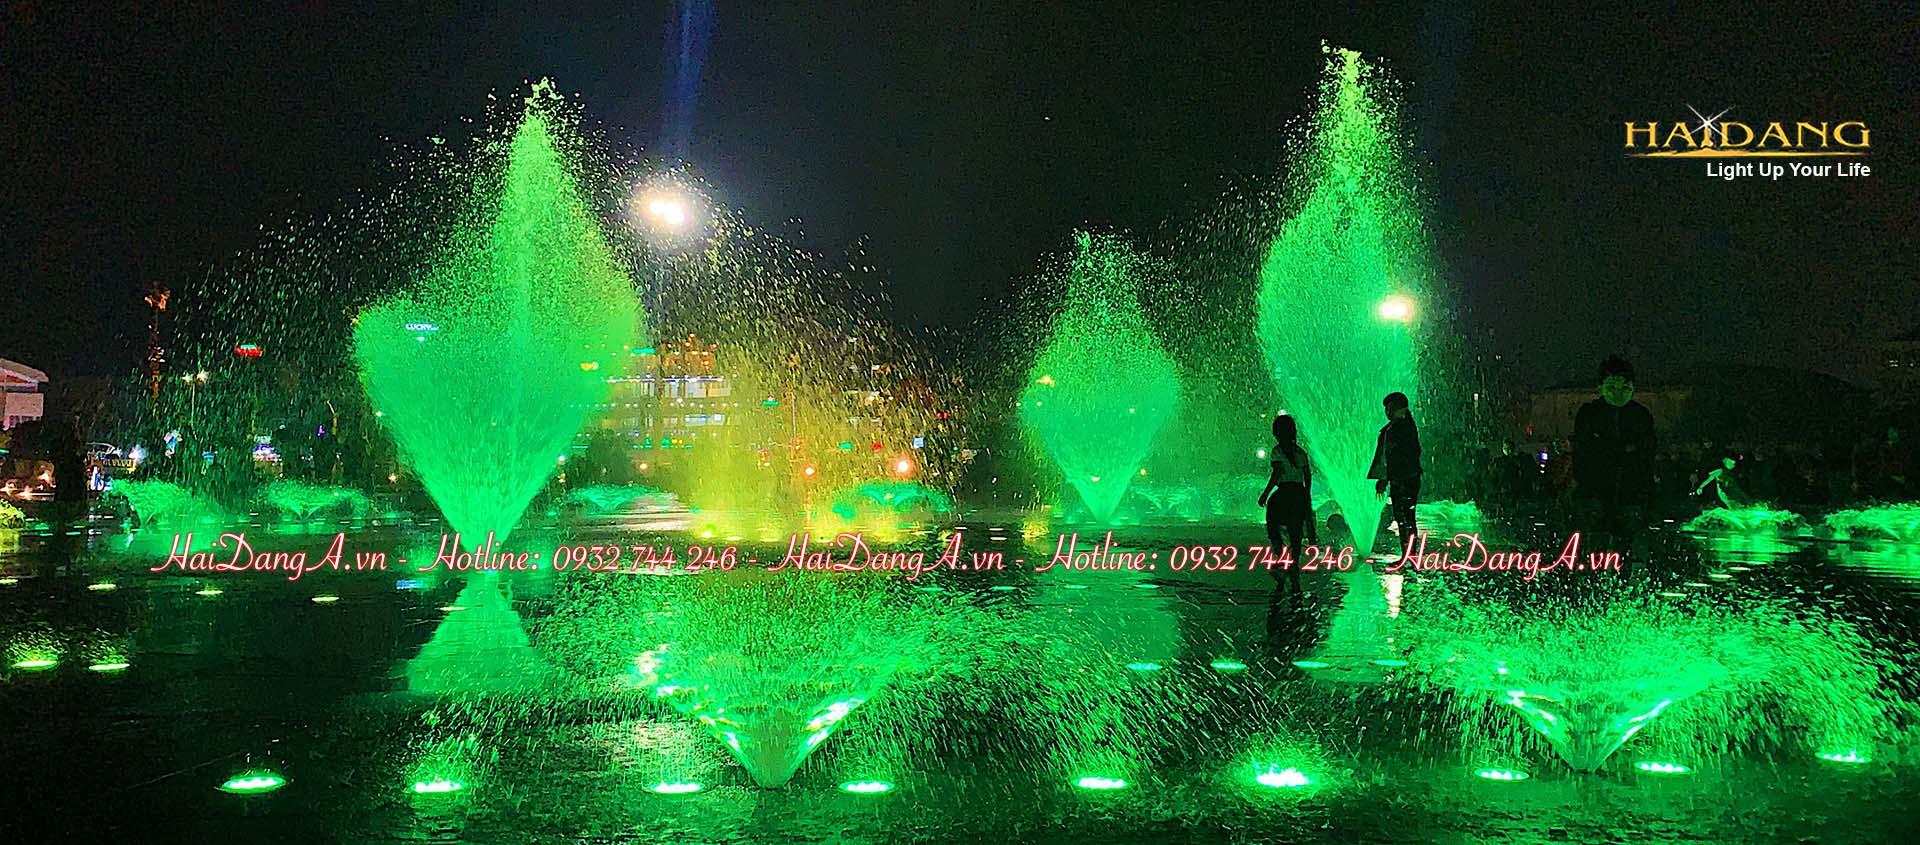 Nhạc nước âm sàn quảng trường Phú Yên với rất nhiều chế độ hoạt động khác nhau